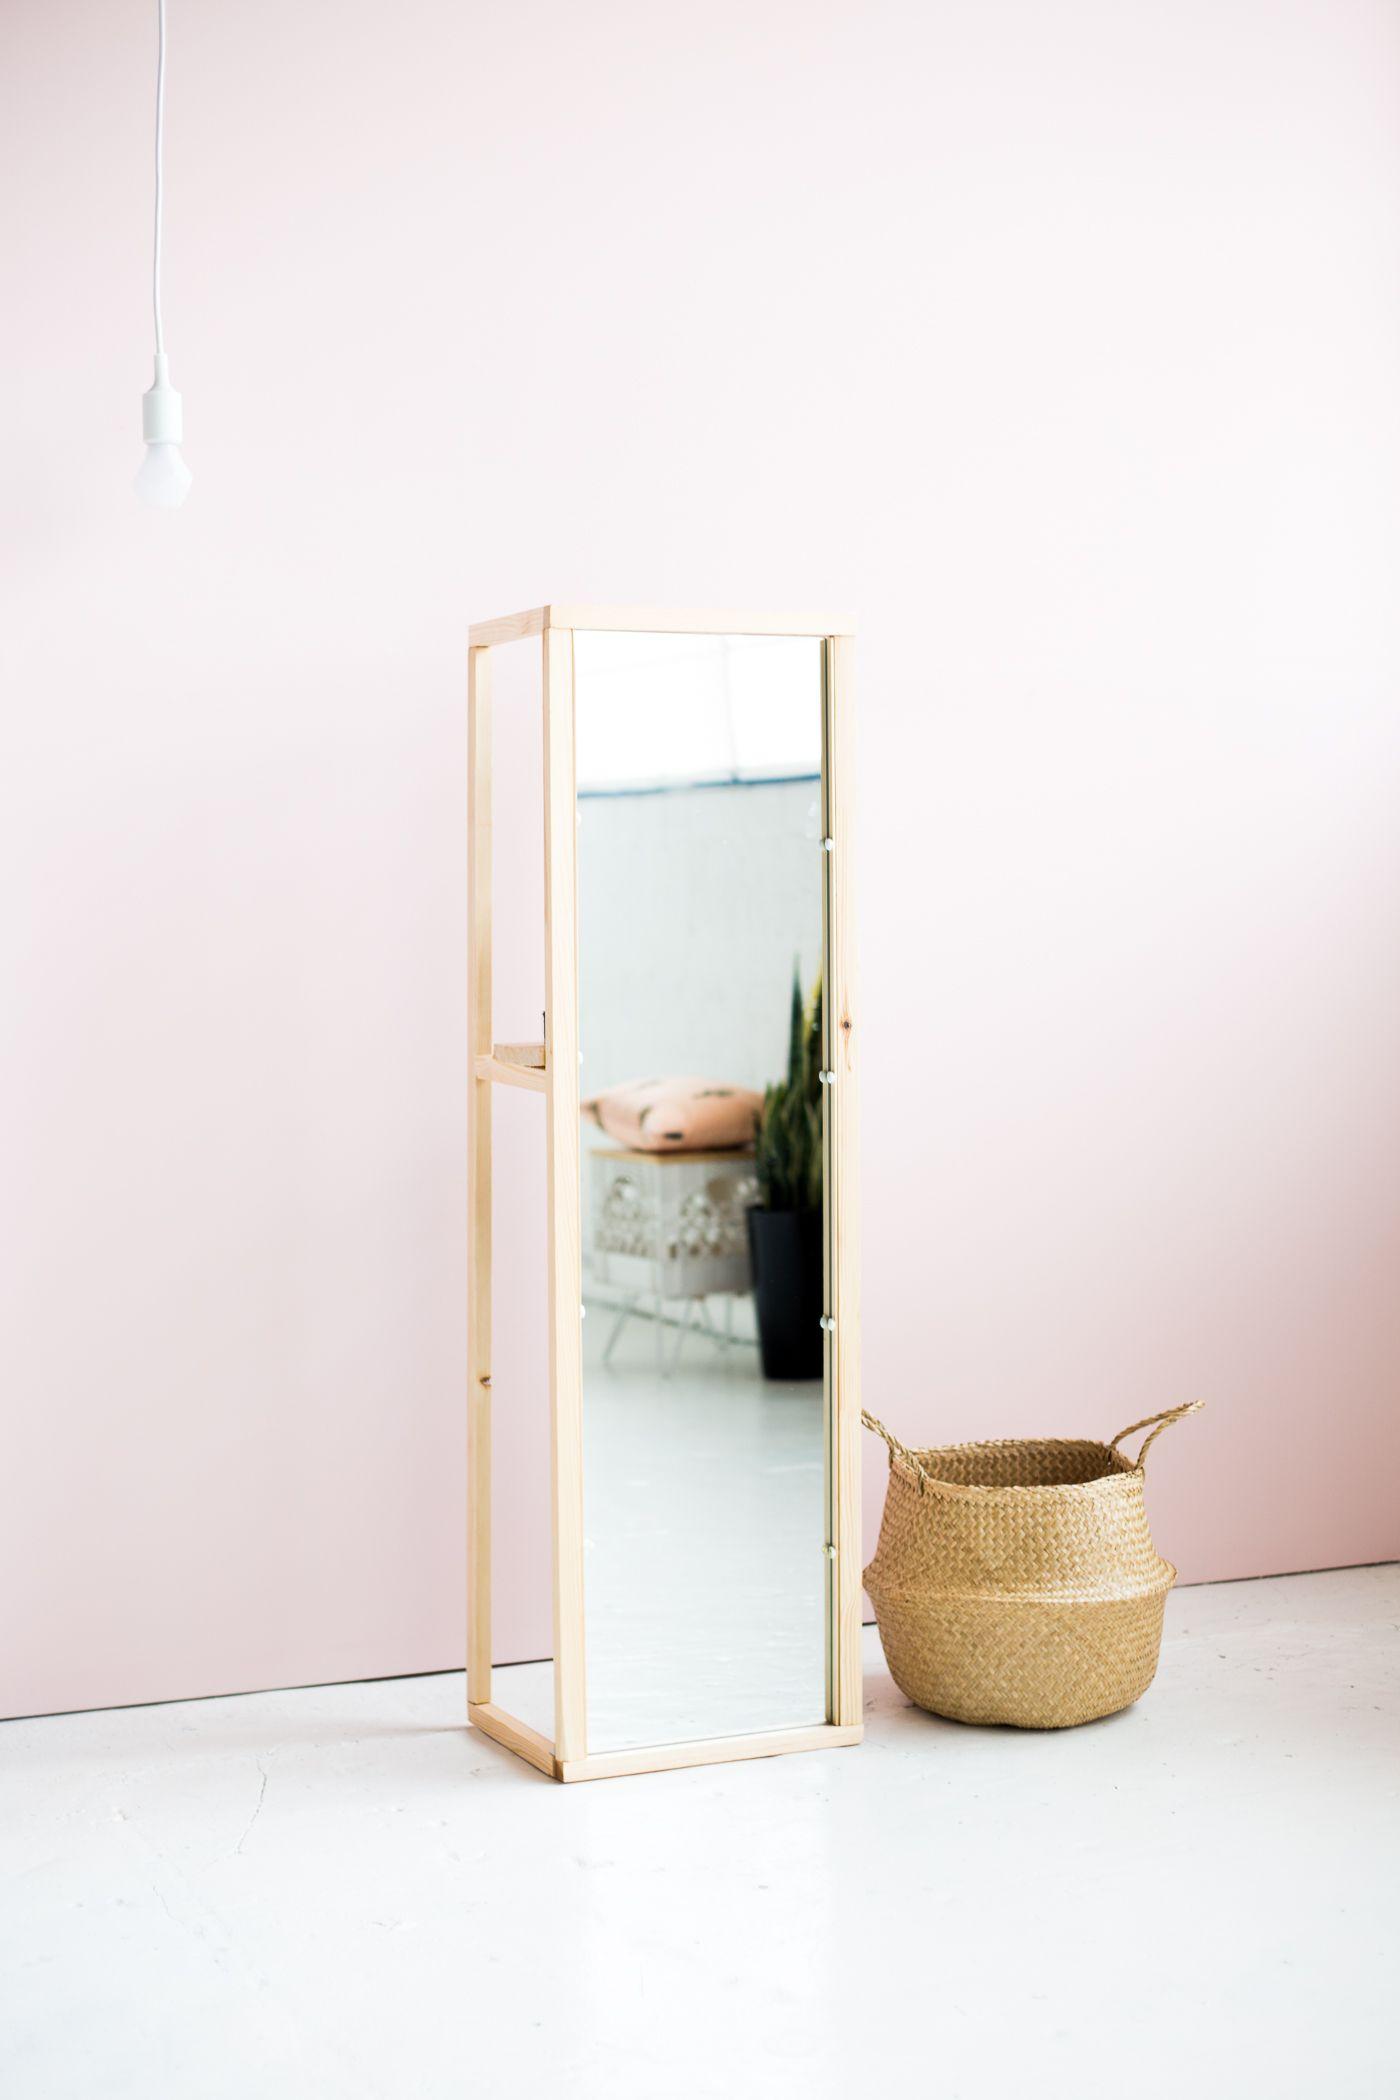 DIY Wooden Floor Standing Mirror with Useful Shelf  Craft